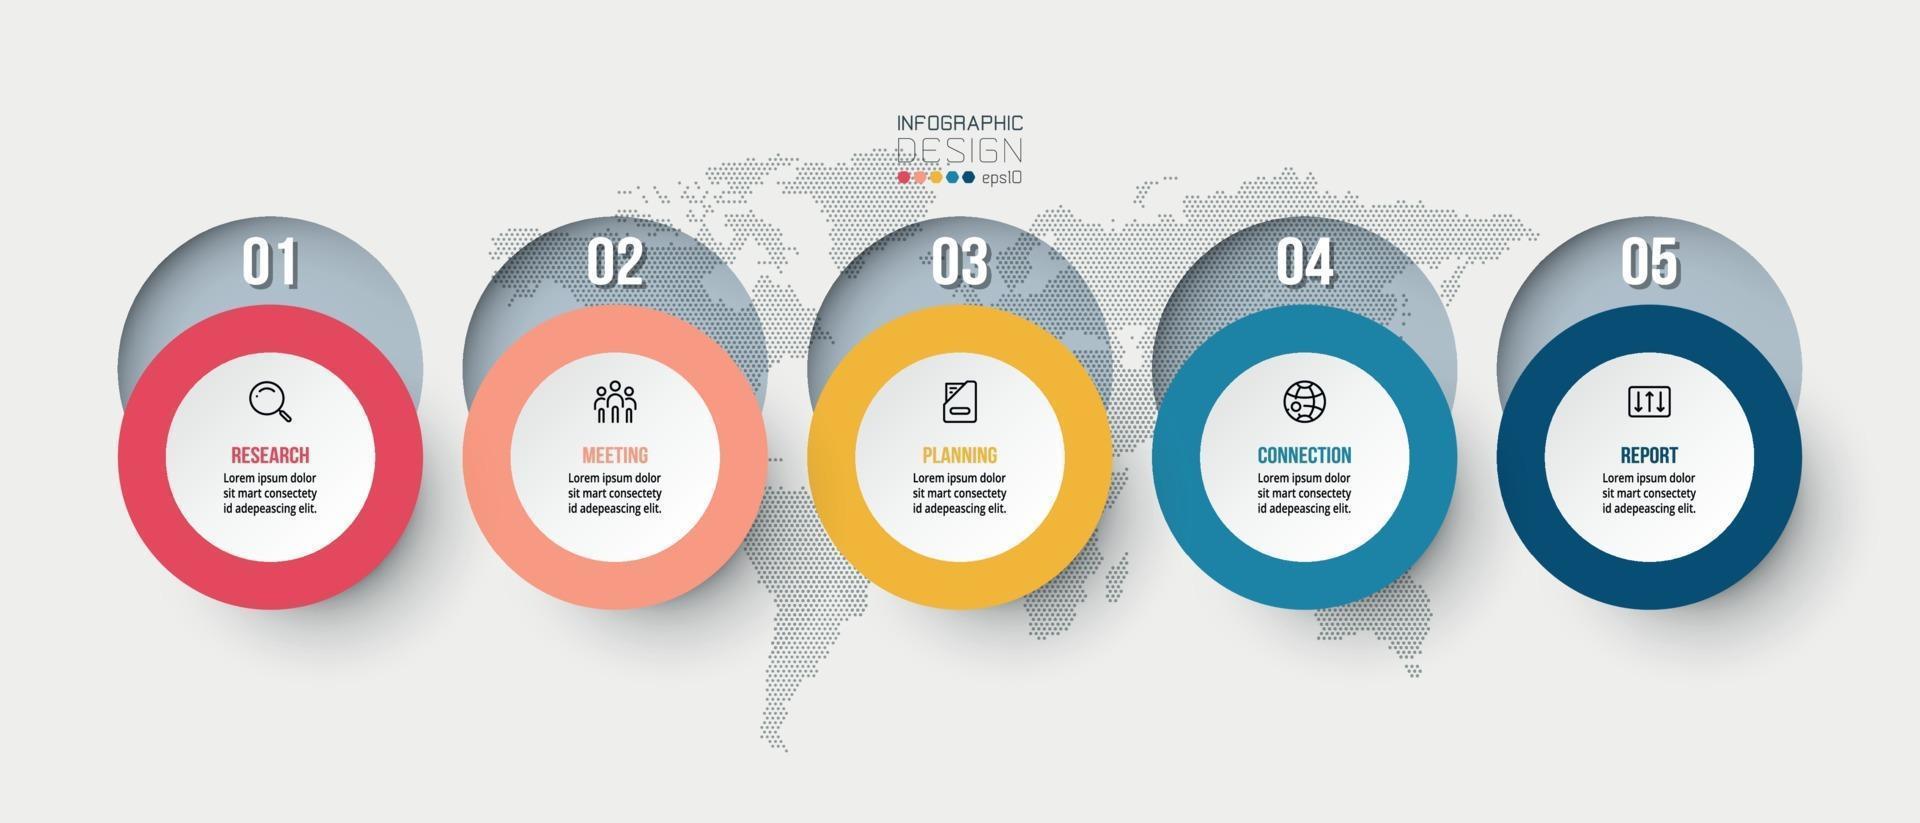 5 pasos de cualquier análisis de marketing de proceso o planificación empresarial con infografía vectorial de diseño de forma circular. vector